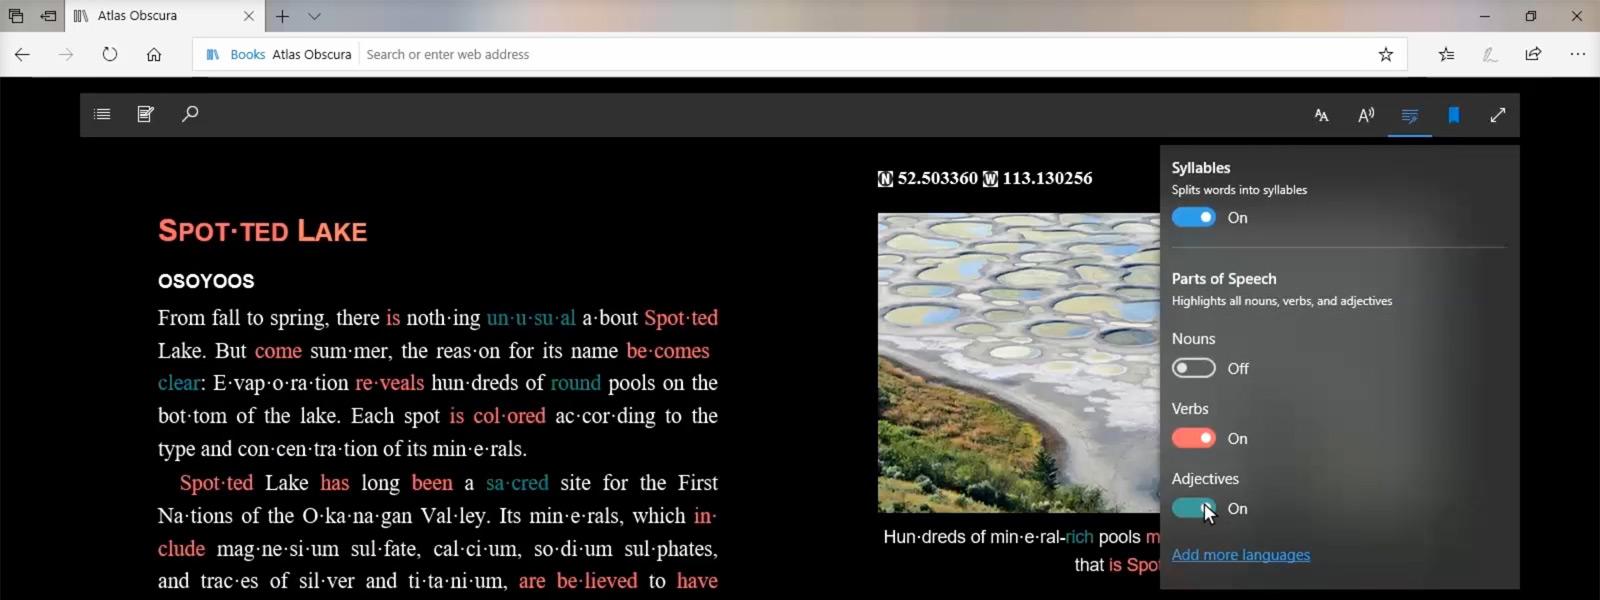 Зображення екрана, що показує Навчальні інструменти, за допомоги яких виконується виділення іменників, дієслів та прикметників на конкретній веб-сторінці